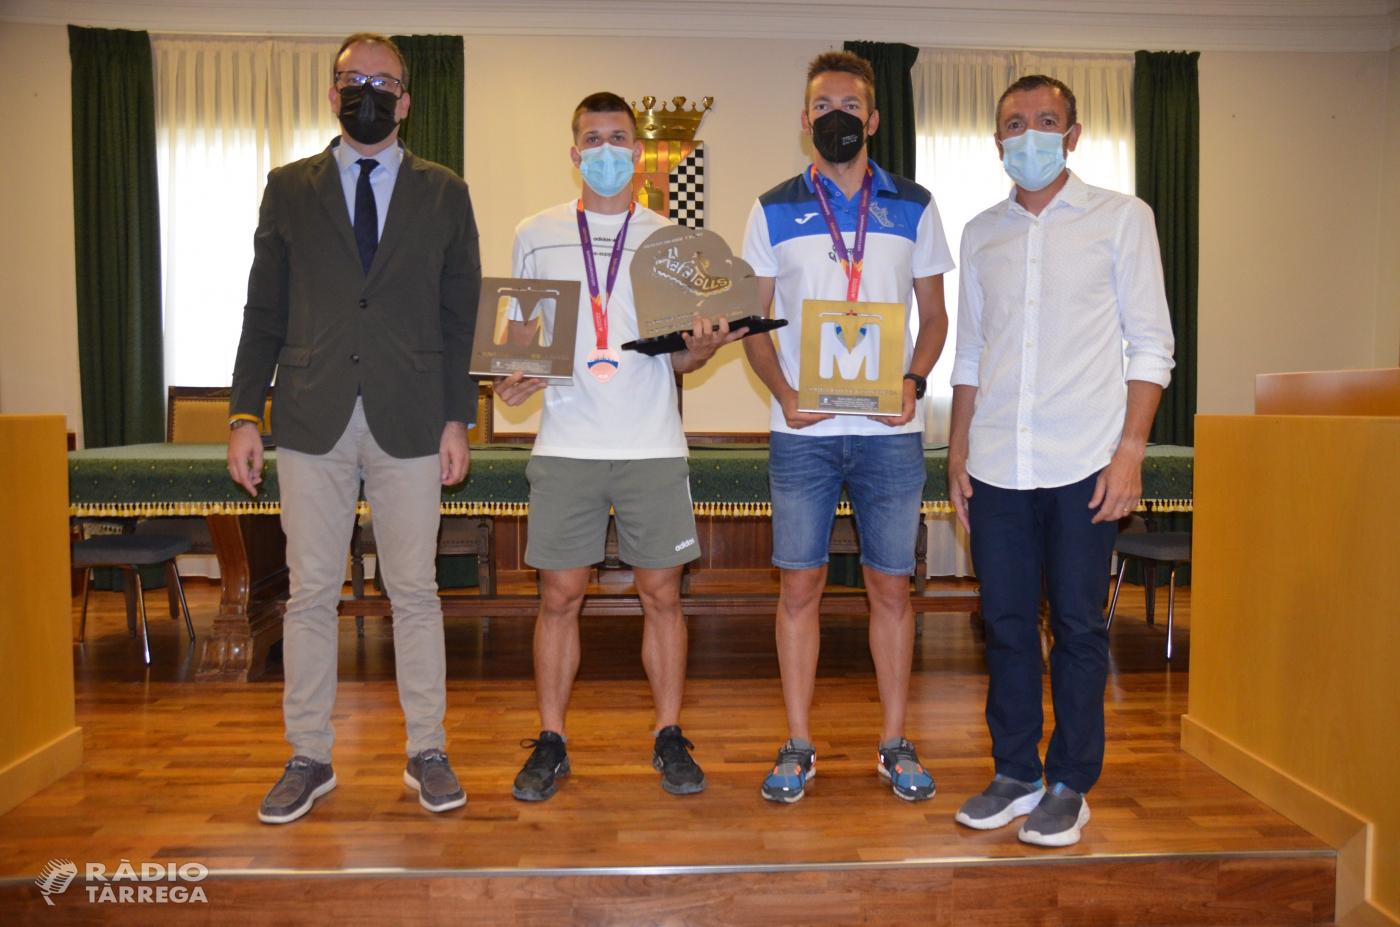 L'Ajuntament de Mollerussa homenatja l'Arnau Monné, atleta targarí format als Xafatolls, per l'èxit als campionats europeus